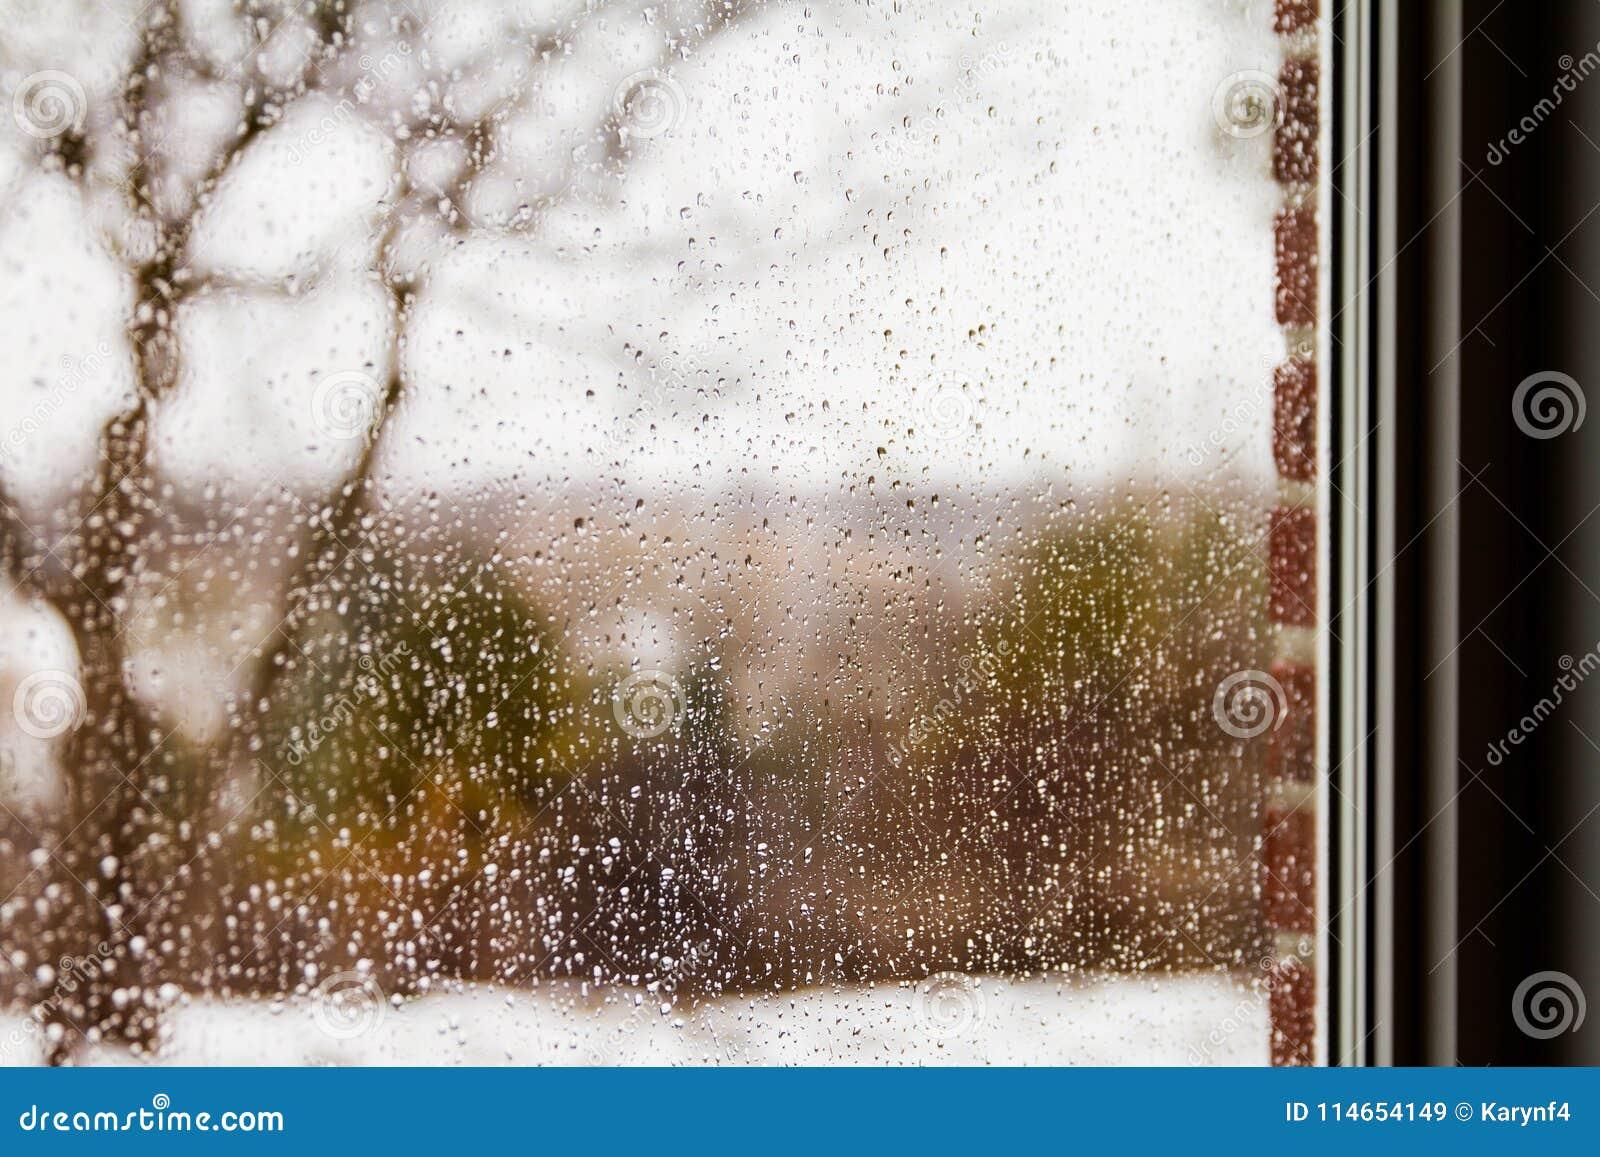 Regarder une forêt par la pluie chute sur un carreau de fenêtre